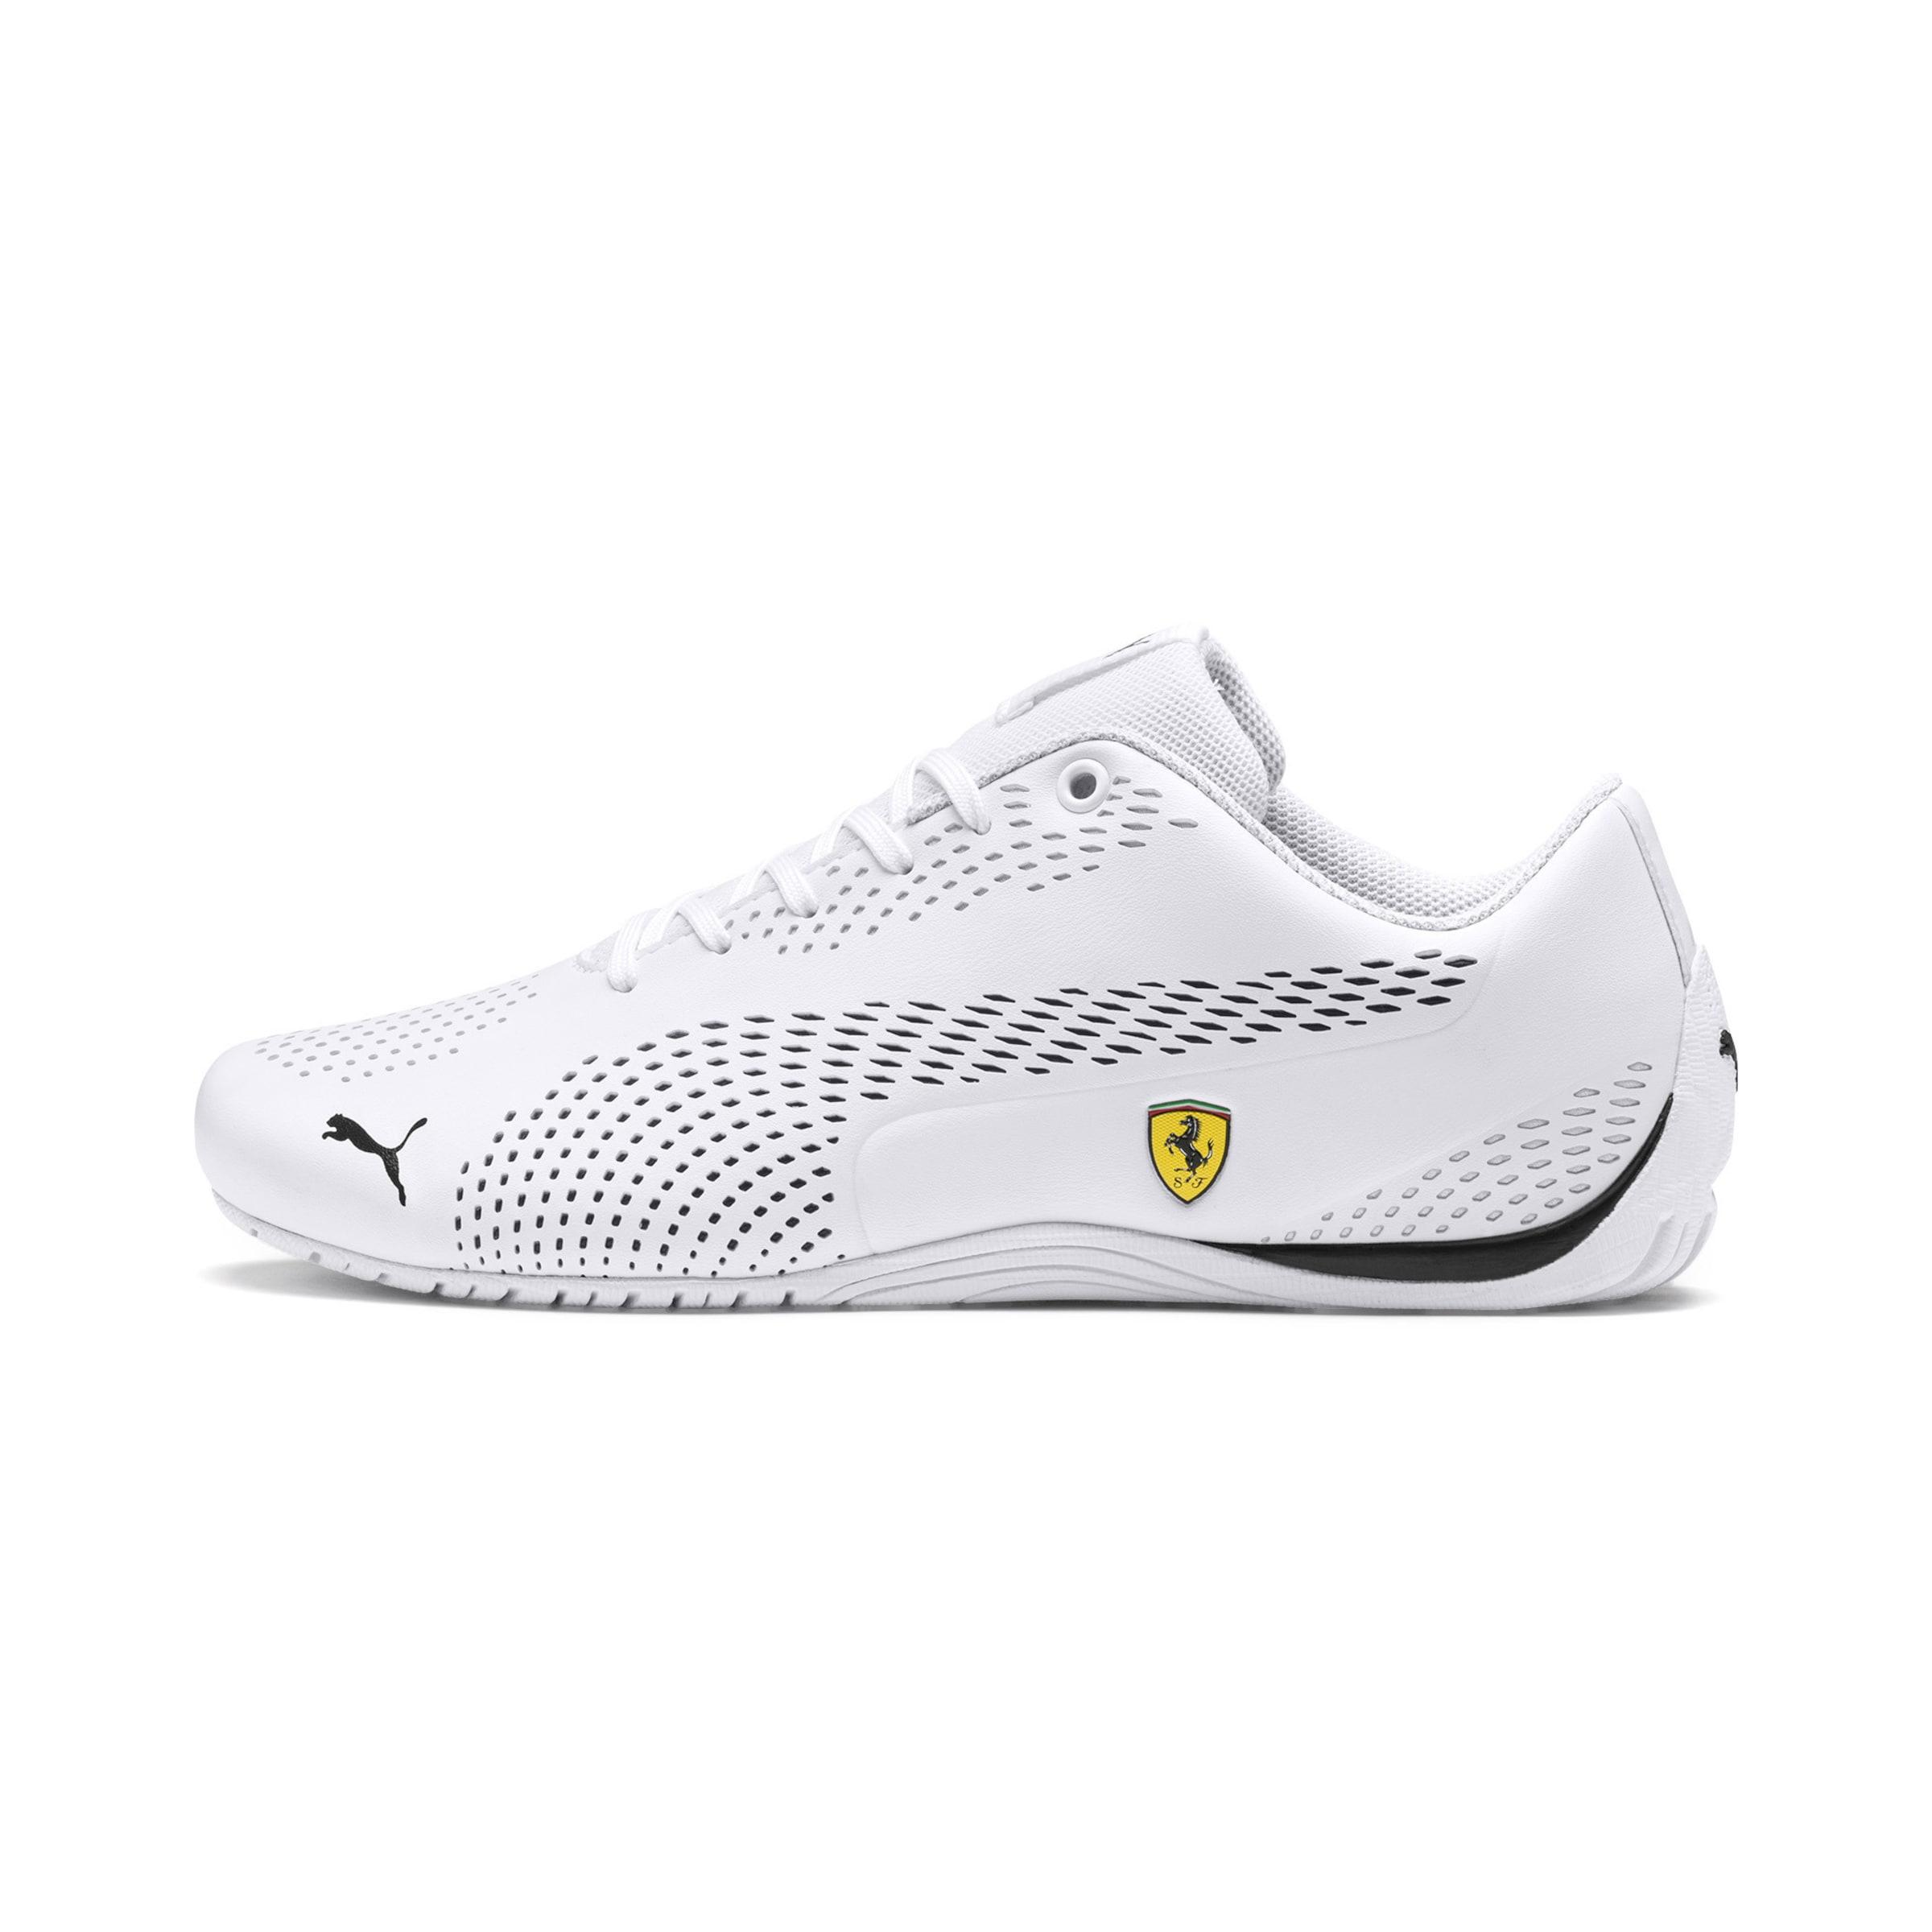 Drift Ii' Sneaker 5 Ultra RotWeiß Cat Puma In 'ferrari rCeWBodx